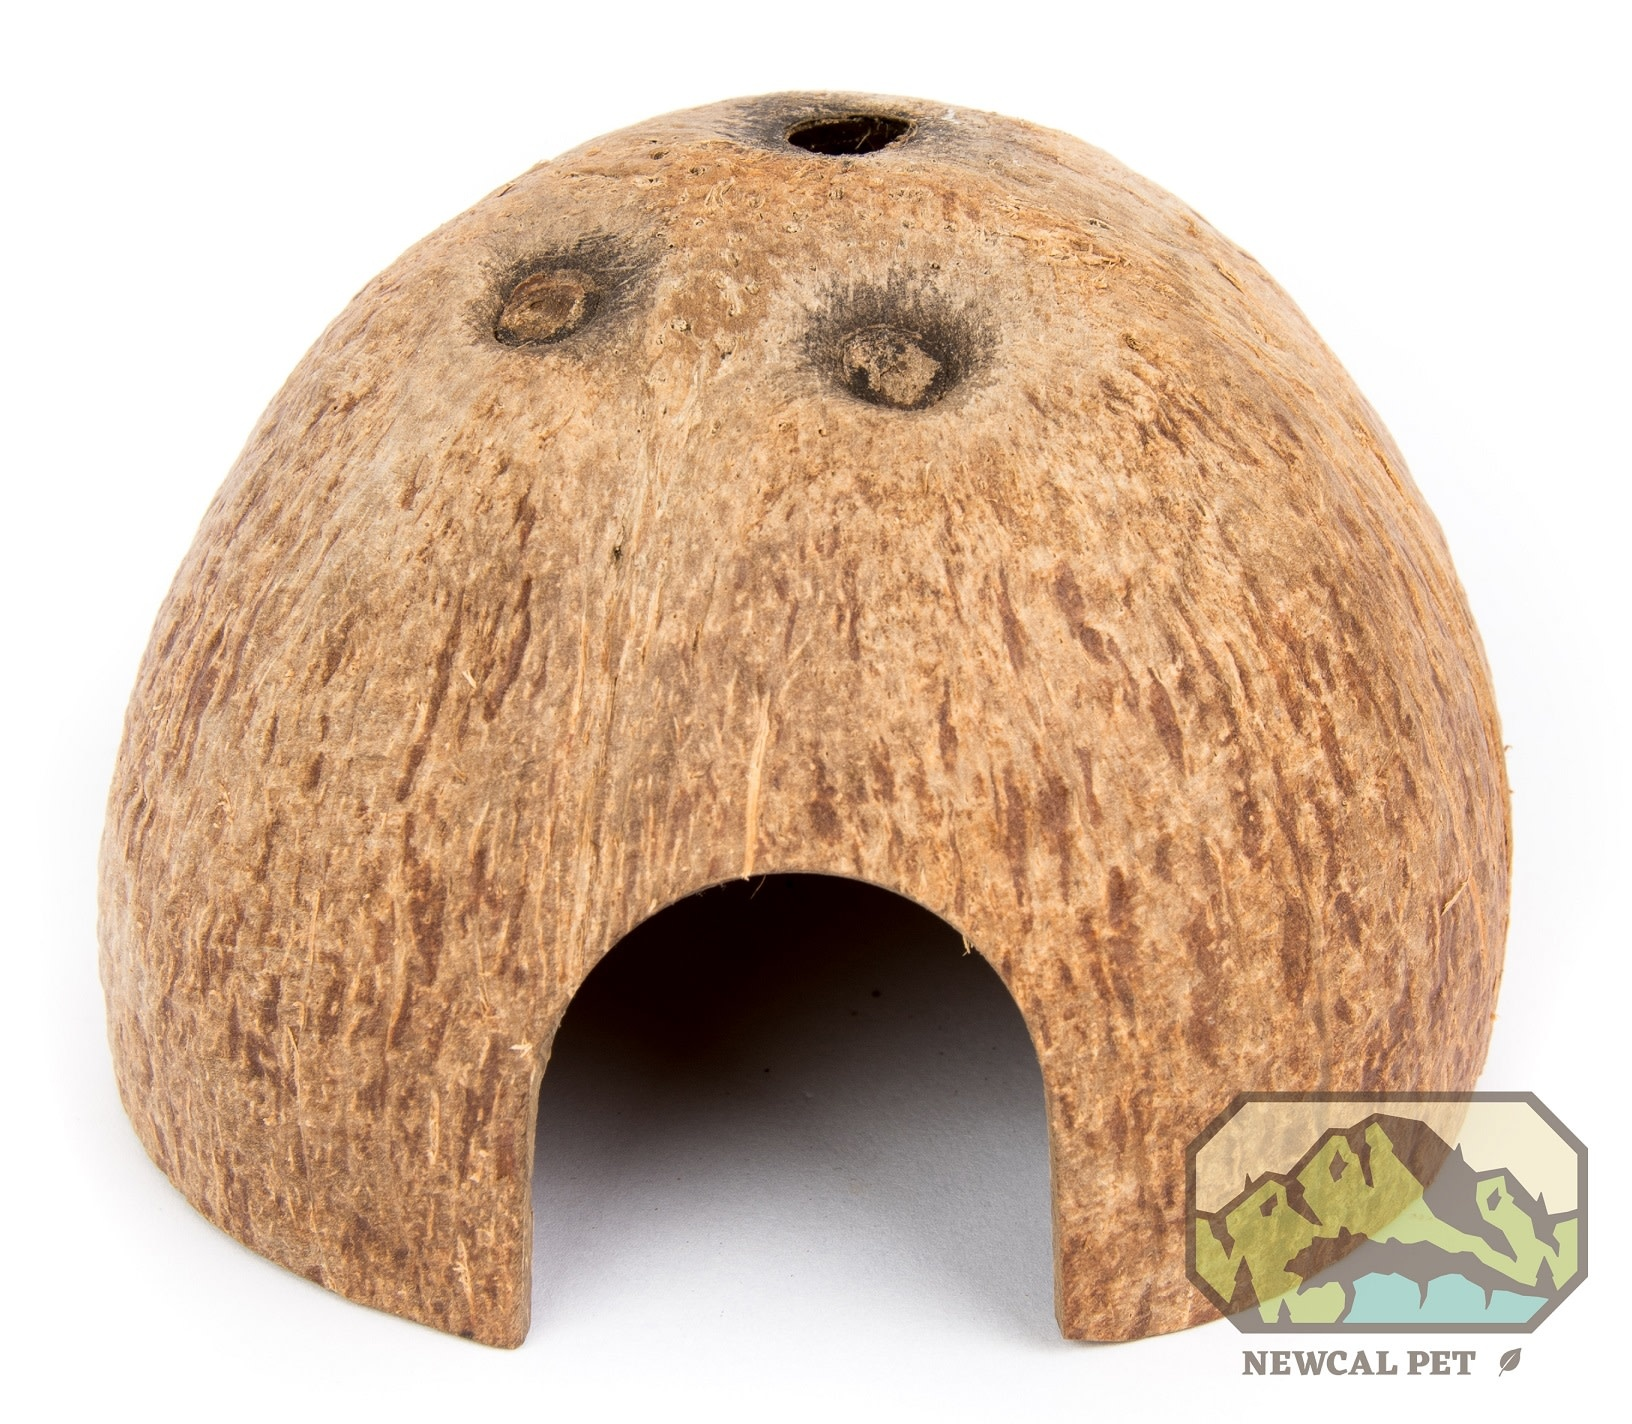 NewCal Pets Cachette noix de coco/Coconut Hide